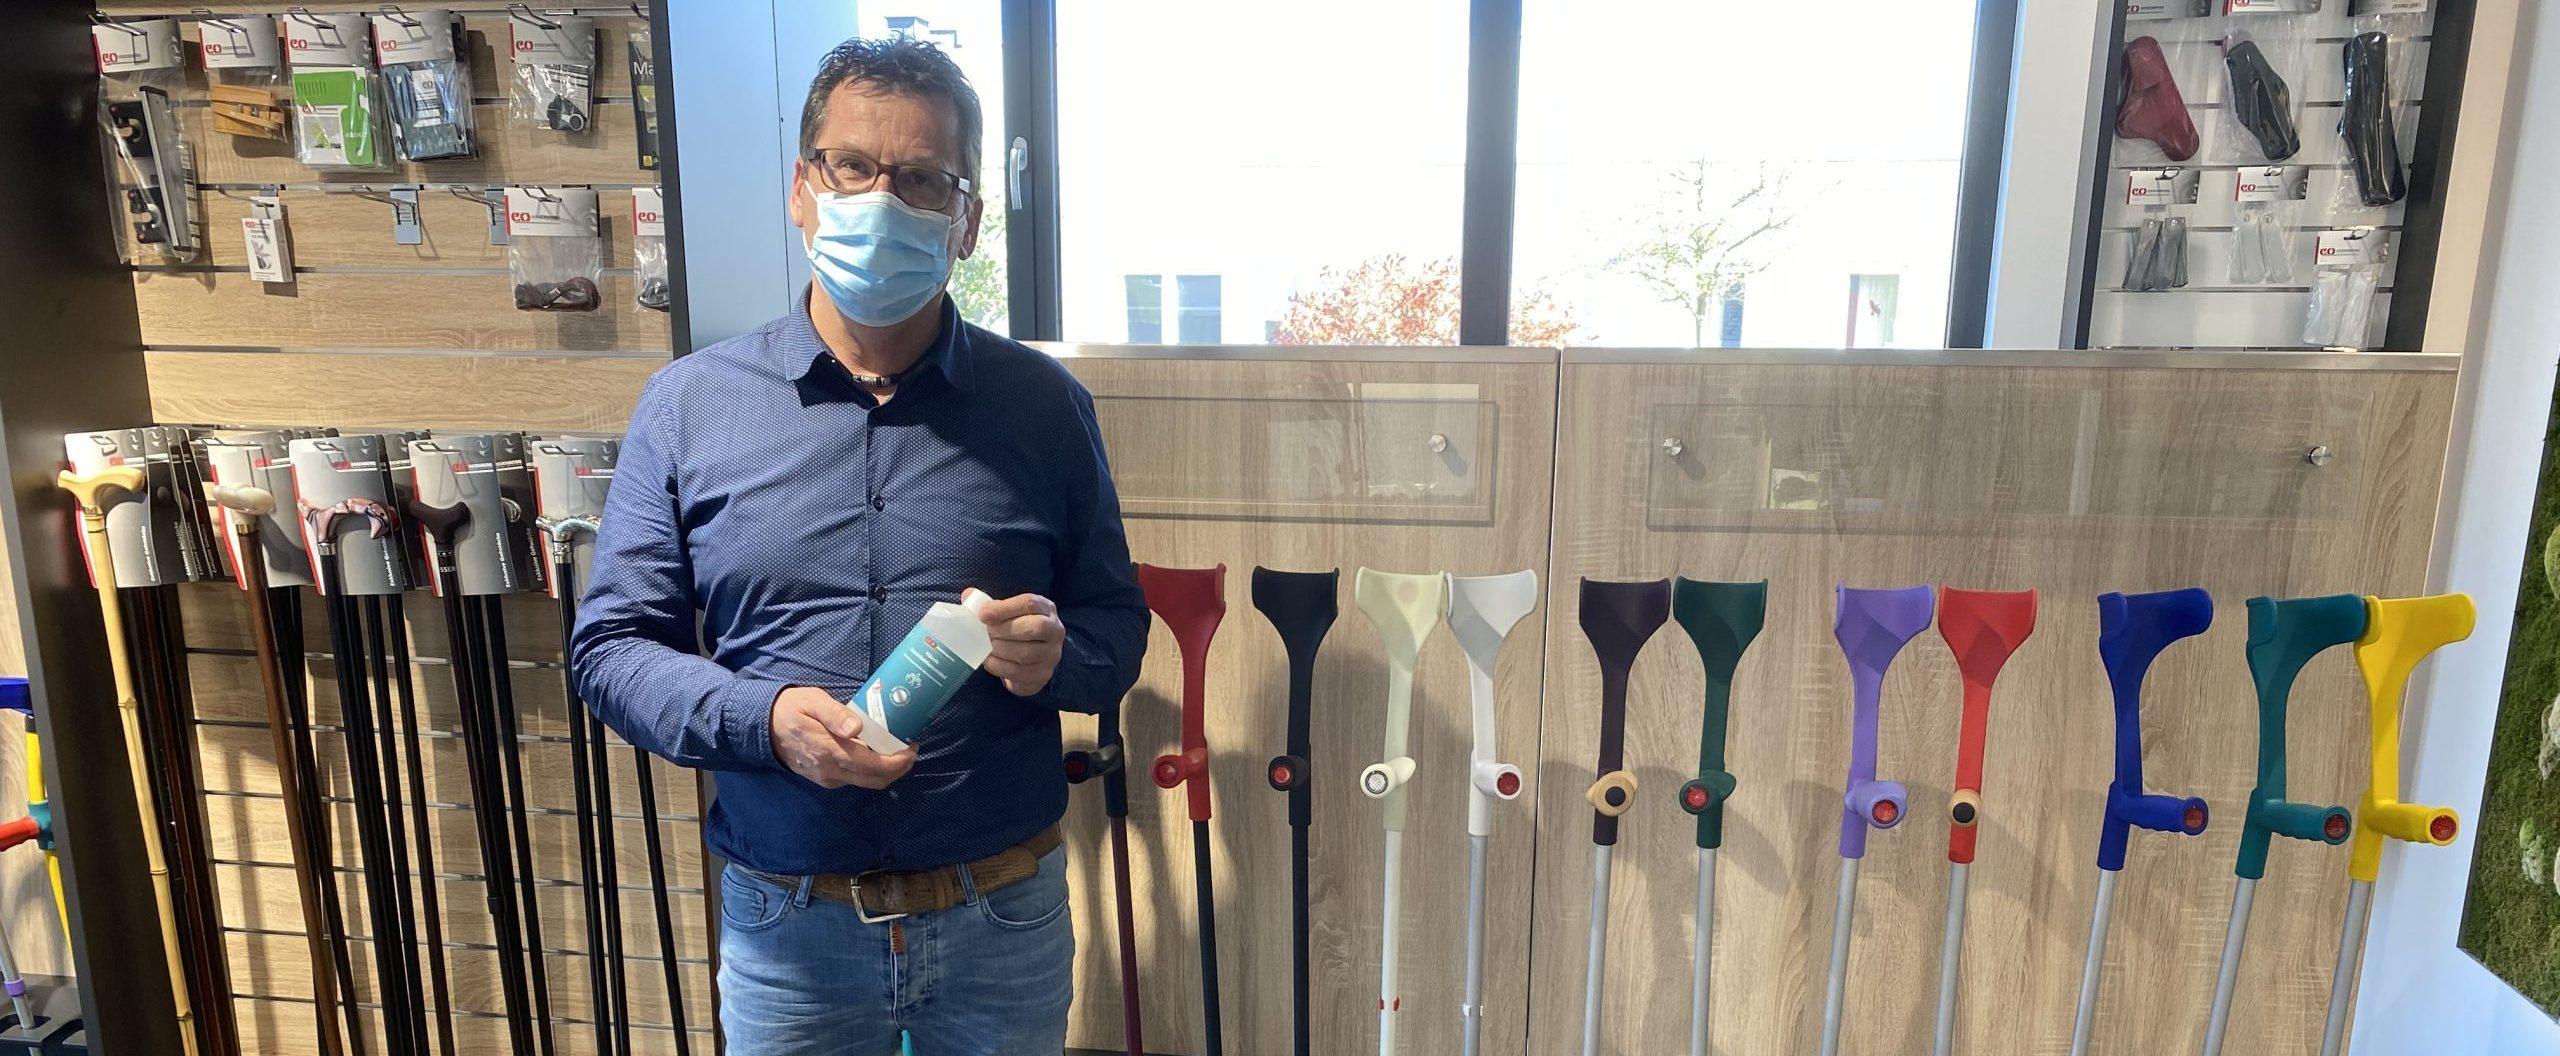 Geschäftsführer Carsten Diekmann mit Mundschutz und Desinfektionsmittel posiert vor Gehhilfen.